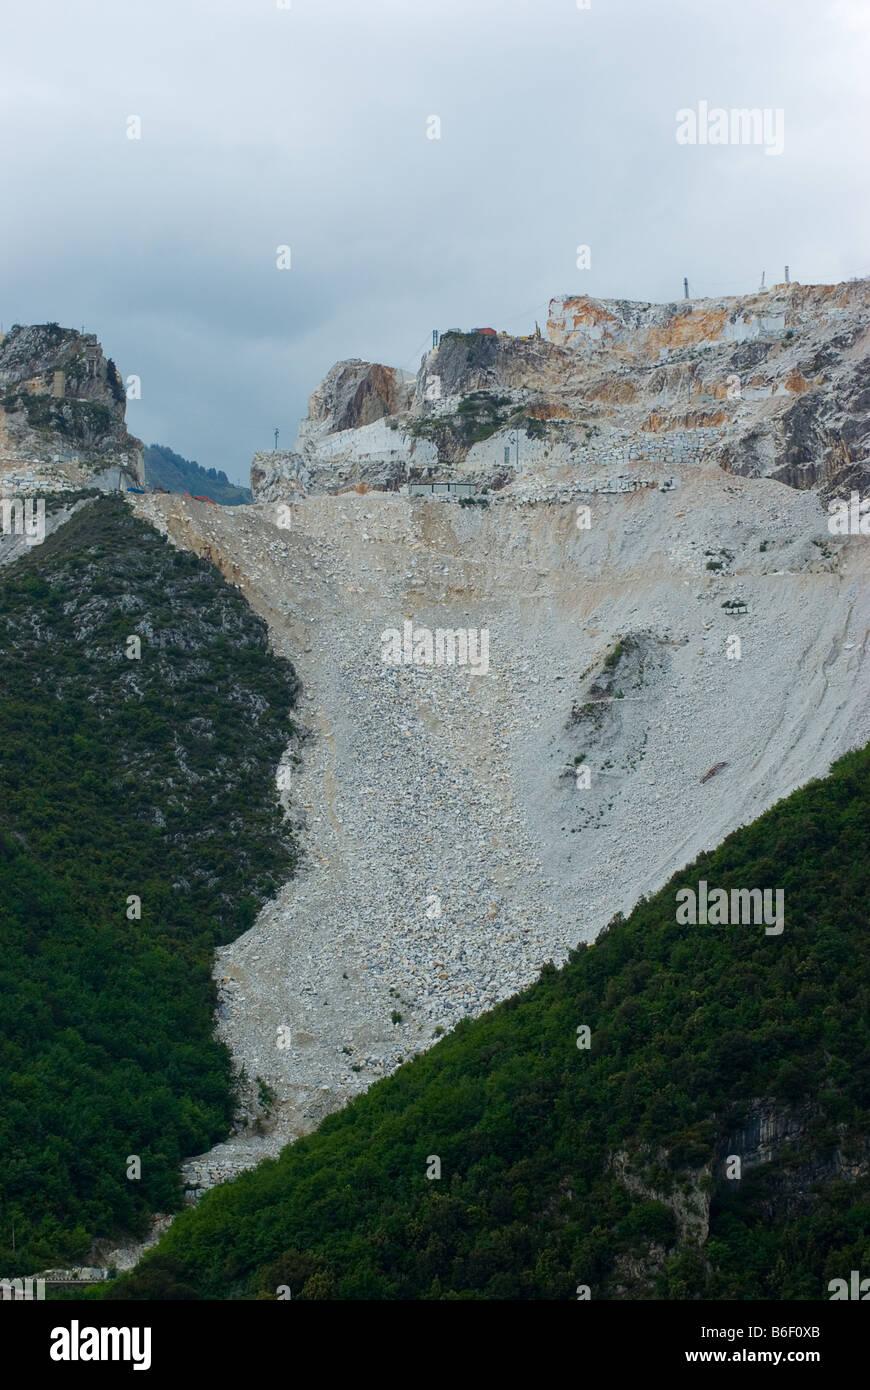 Carrara, Tuscany, Italy, Europe - Stock Image